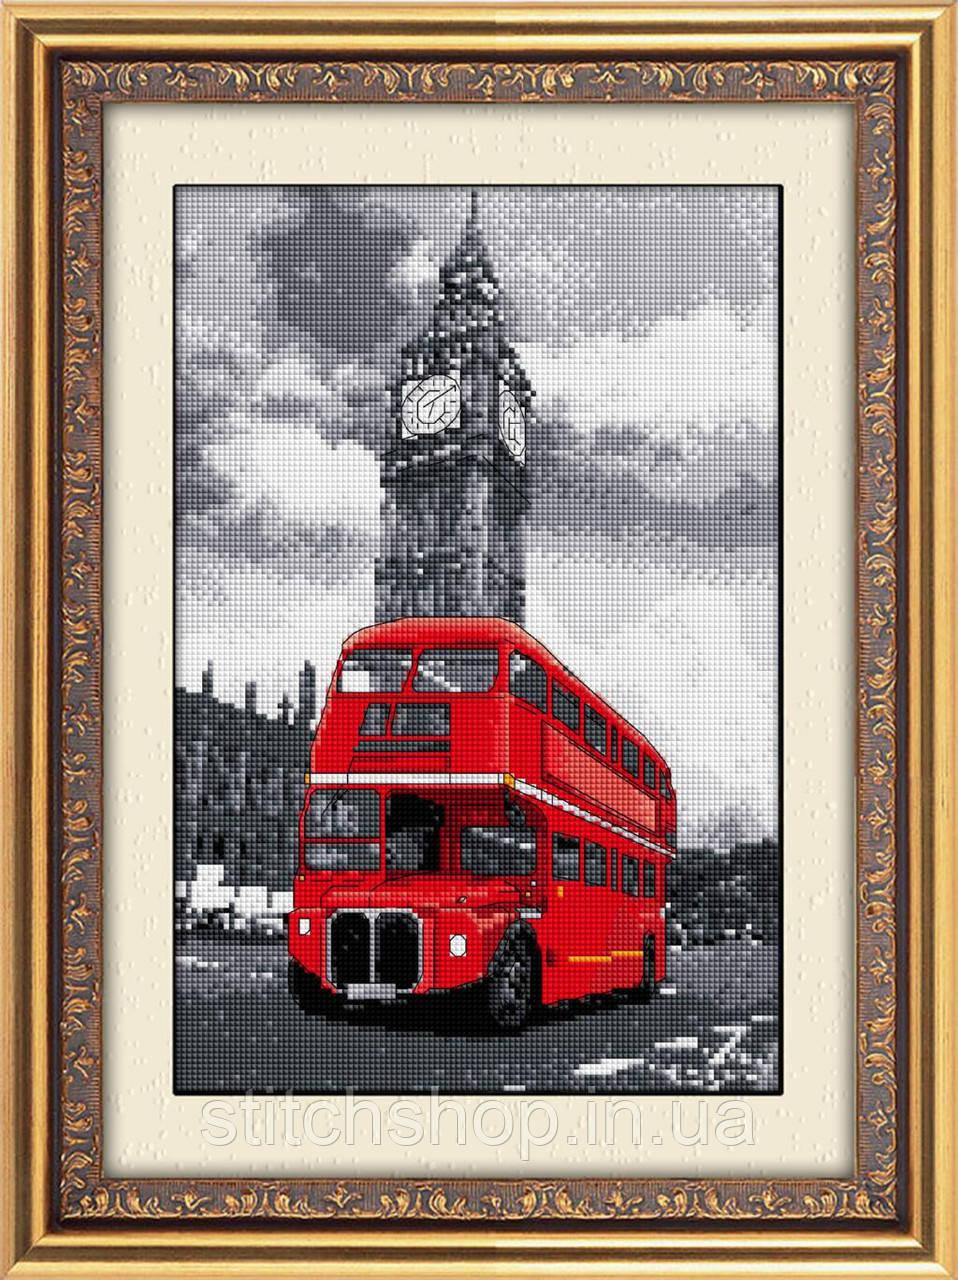 30024 Лондонский автобус. Dream Art. Набор алмазной живописи (квадратные, полная). Рисование квадратными камнями на холсте